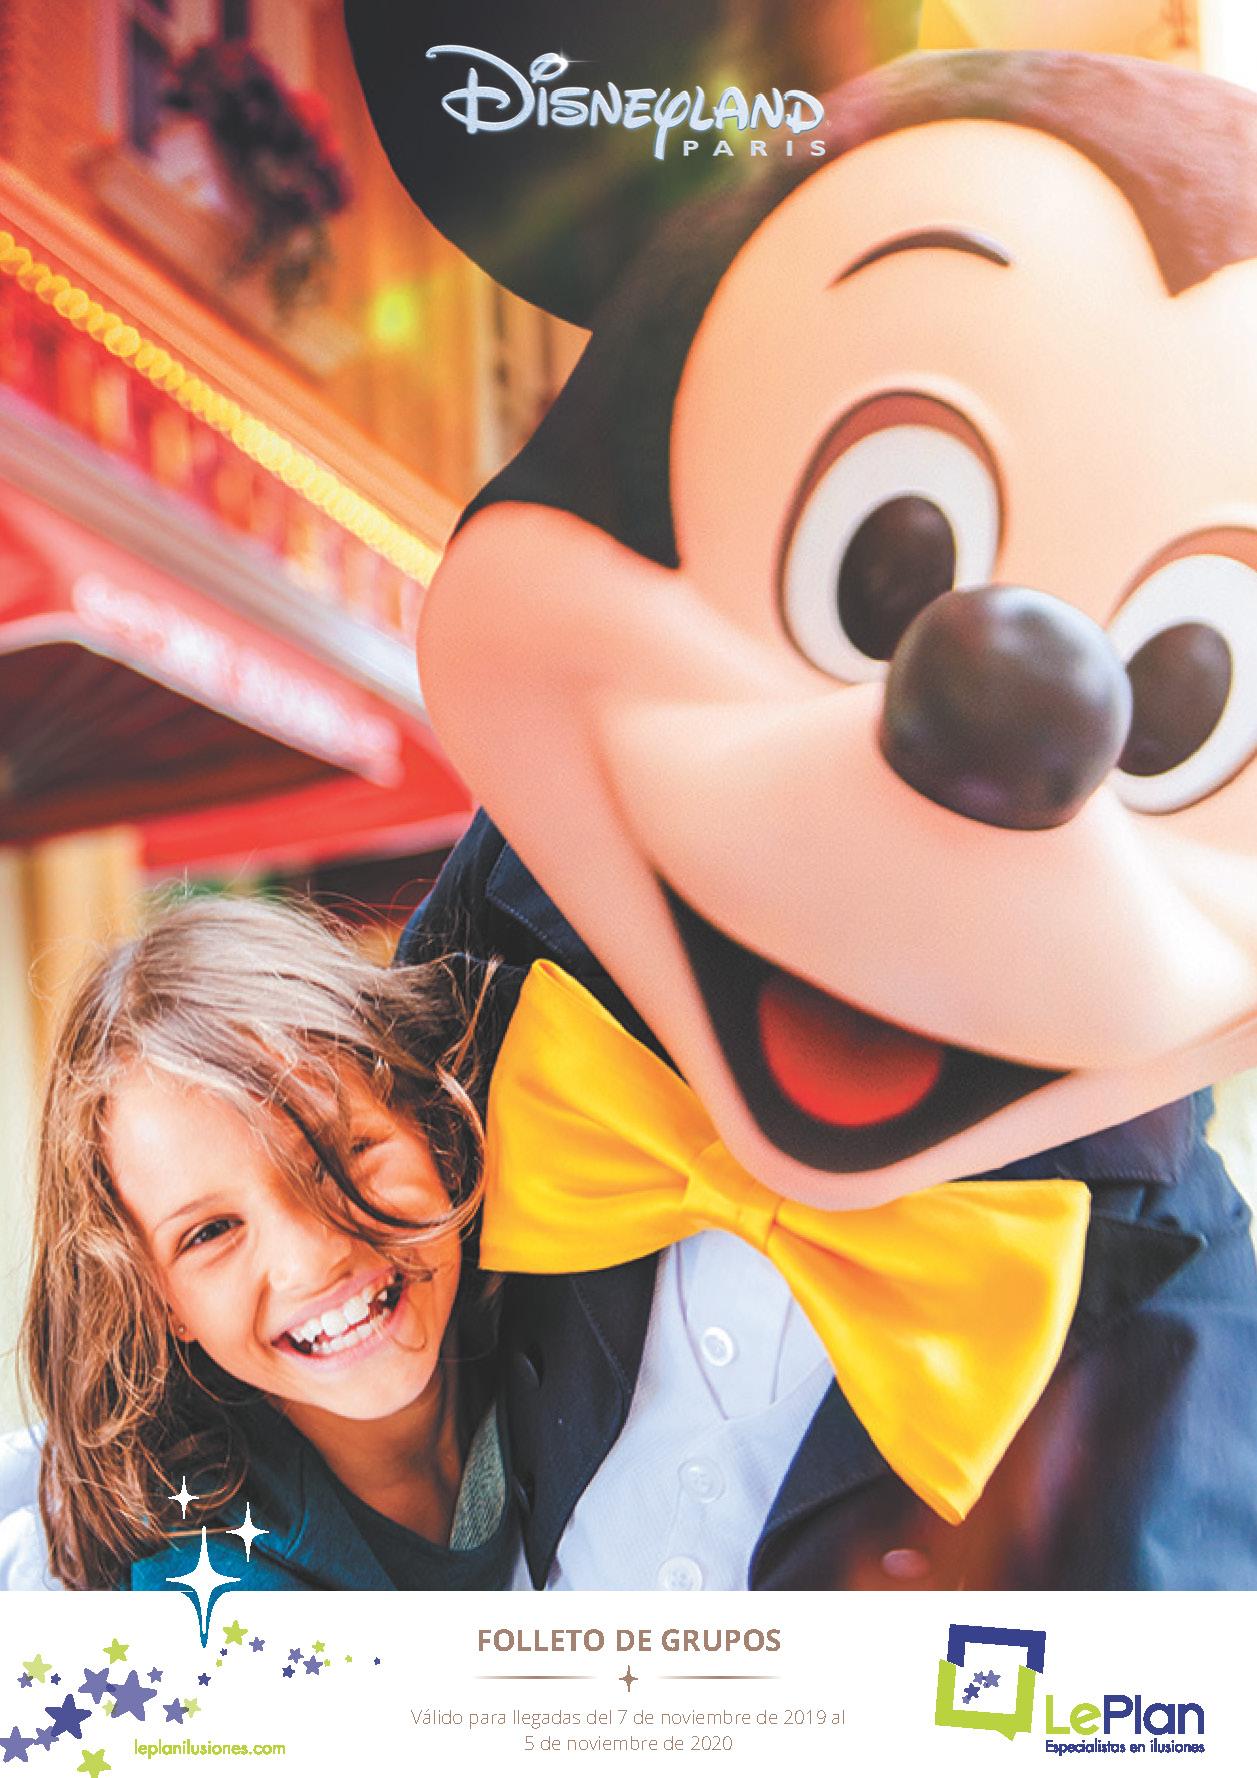 Catalogo LePlan Ilusiones Disneyland Paris Grupos 2019-2020 C1-2